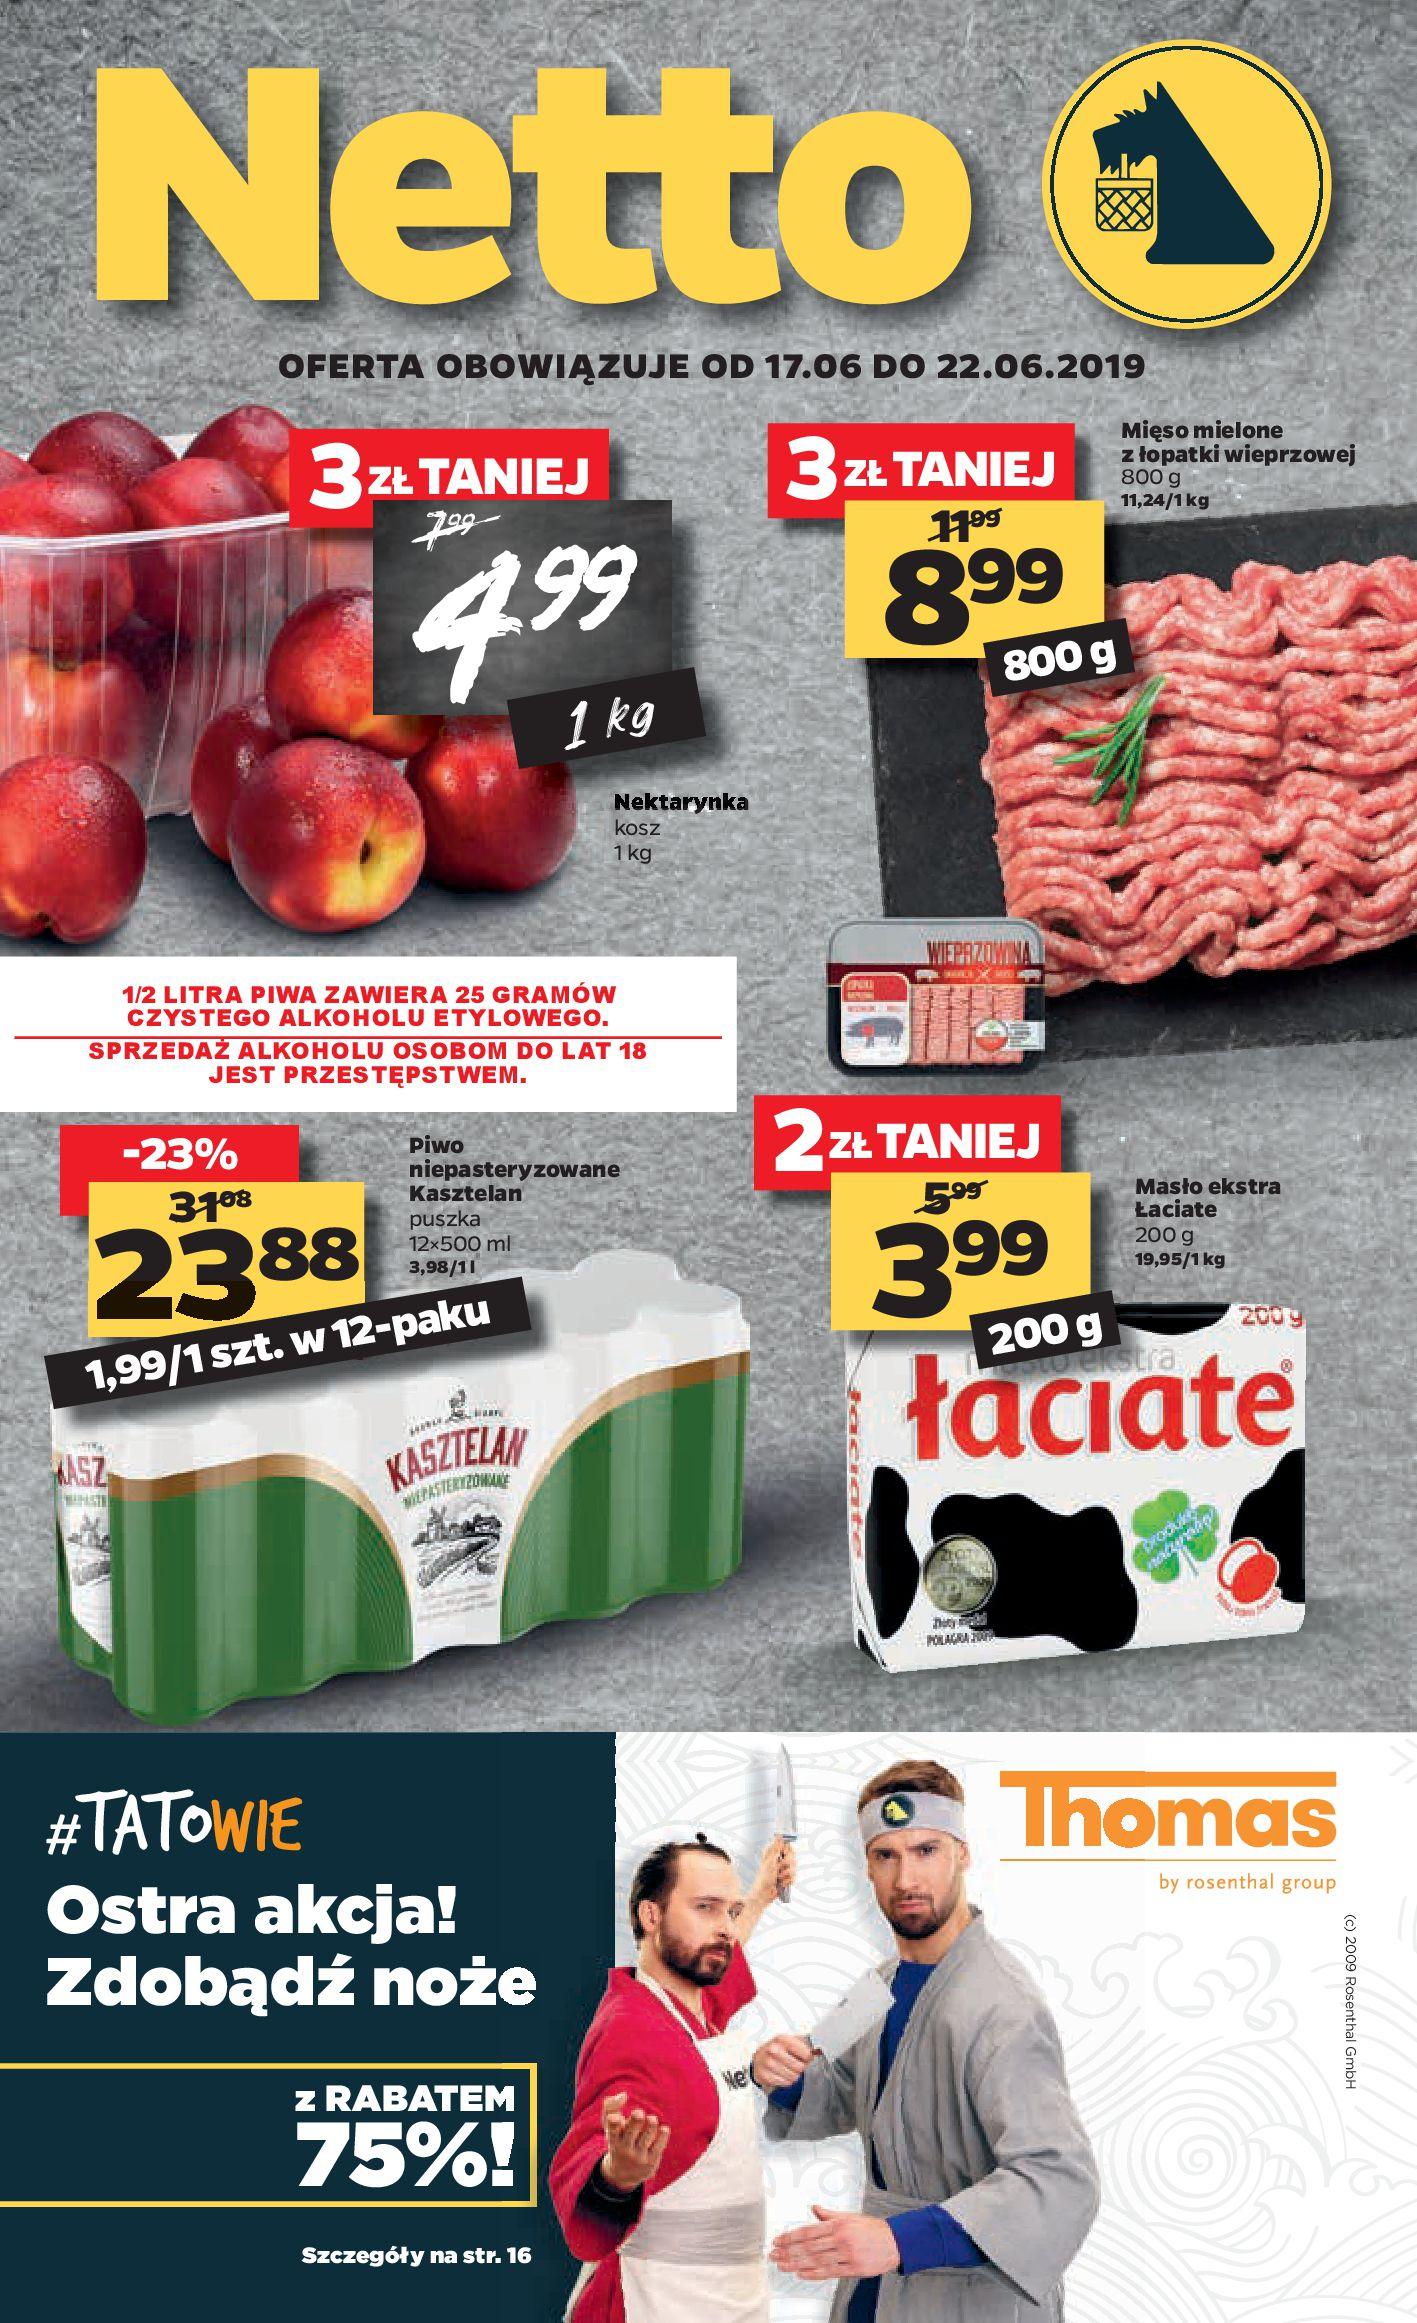 Gazetka Netto - Gazetka spożywcza-16.06.2019-22.06.2019-page-